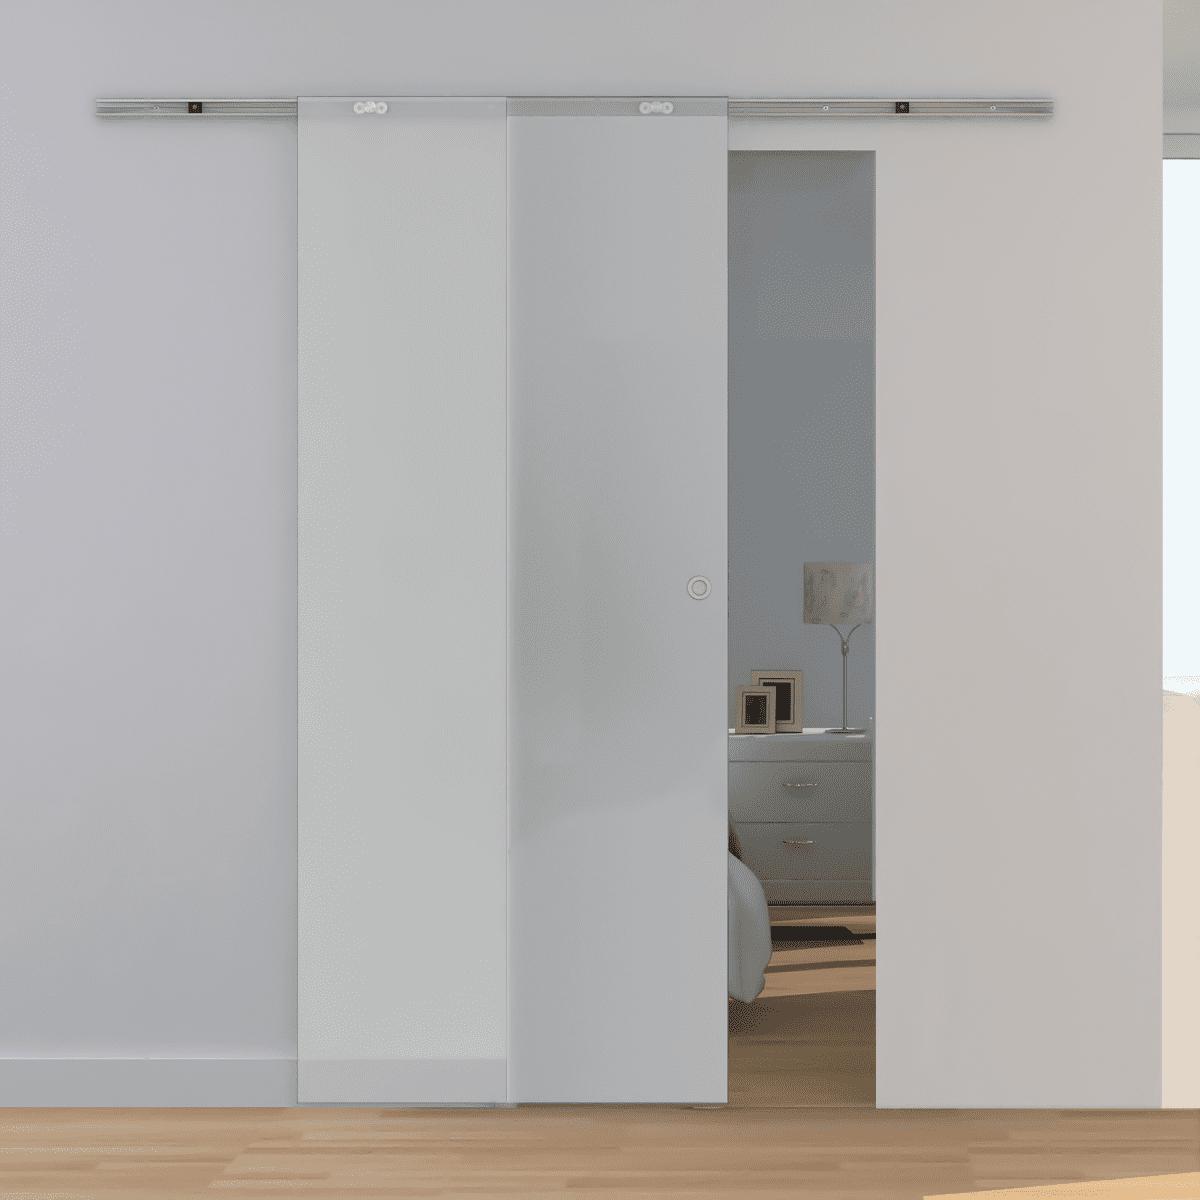 Раздвижная дверь из ударопрочного стекла.